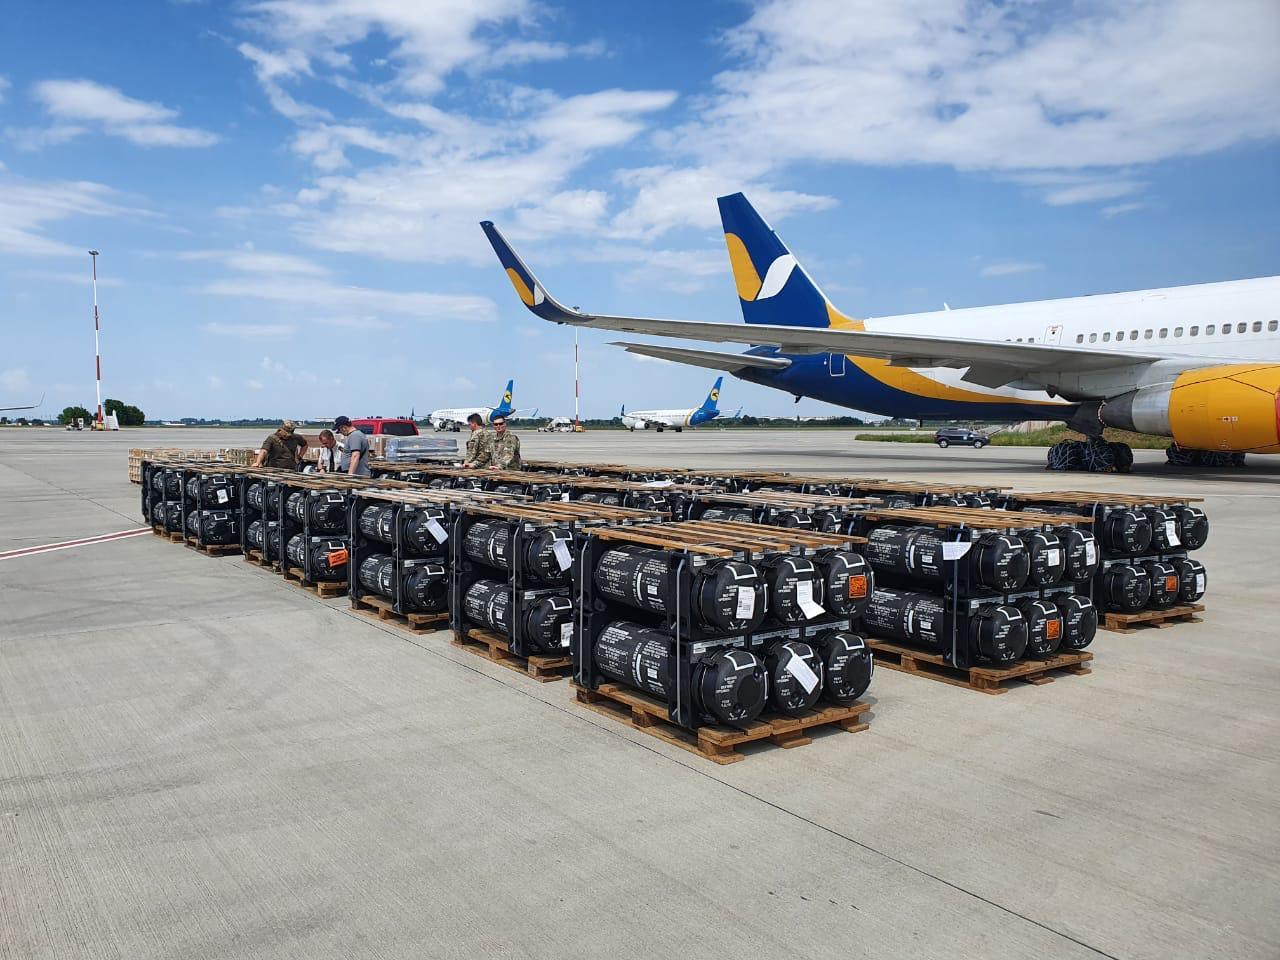 США передали Україні ракети, рації та боєприпаси на $60 млн - США, оборона, Допомога - boyeprypasy